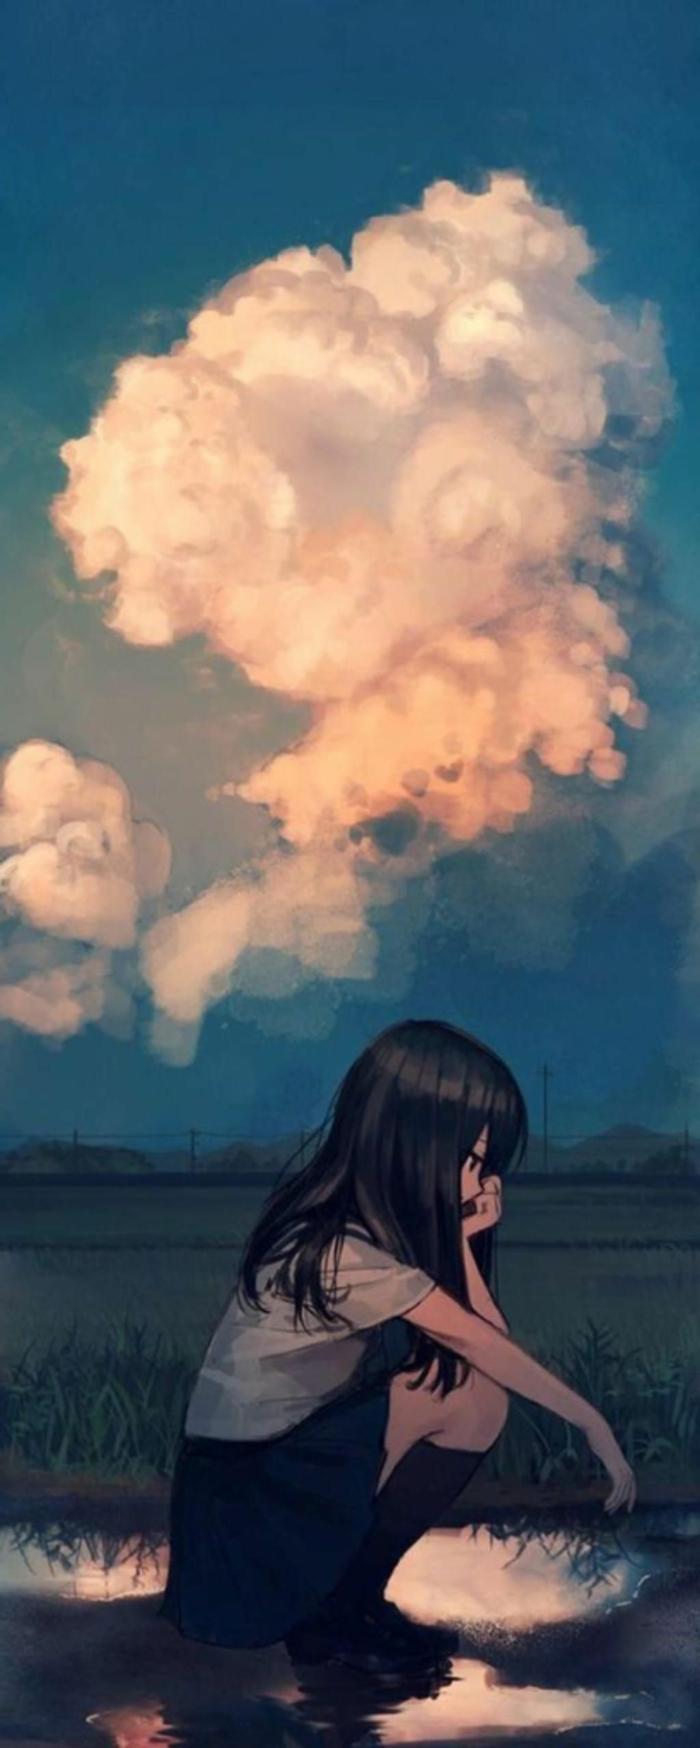 sad anime wallpaper iphone mädchen draußen regen große wolken